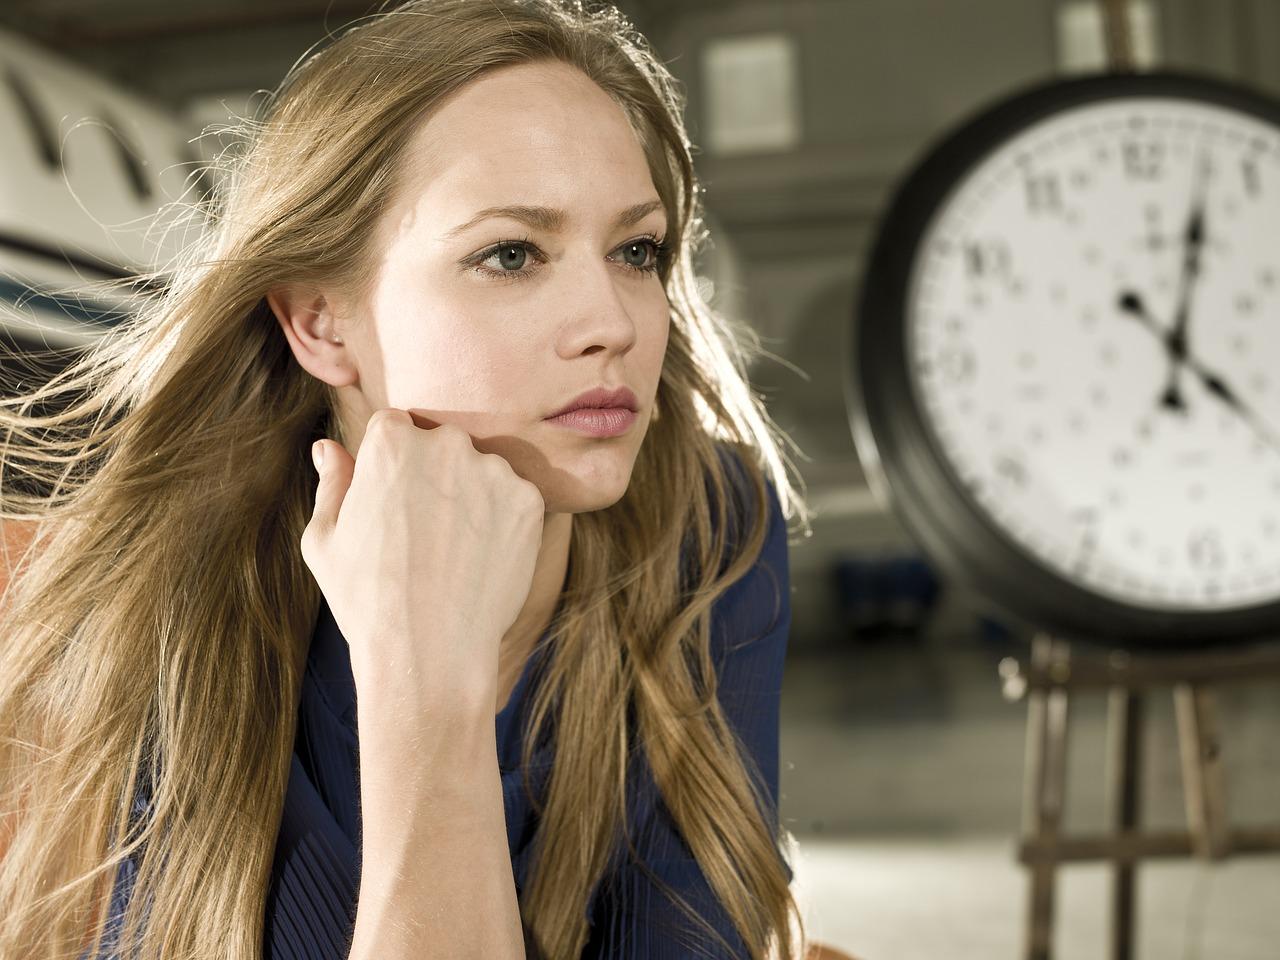 婚活で妥協すべき点を考える女性